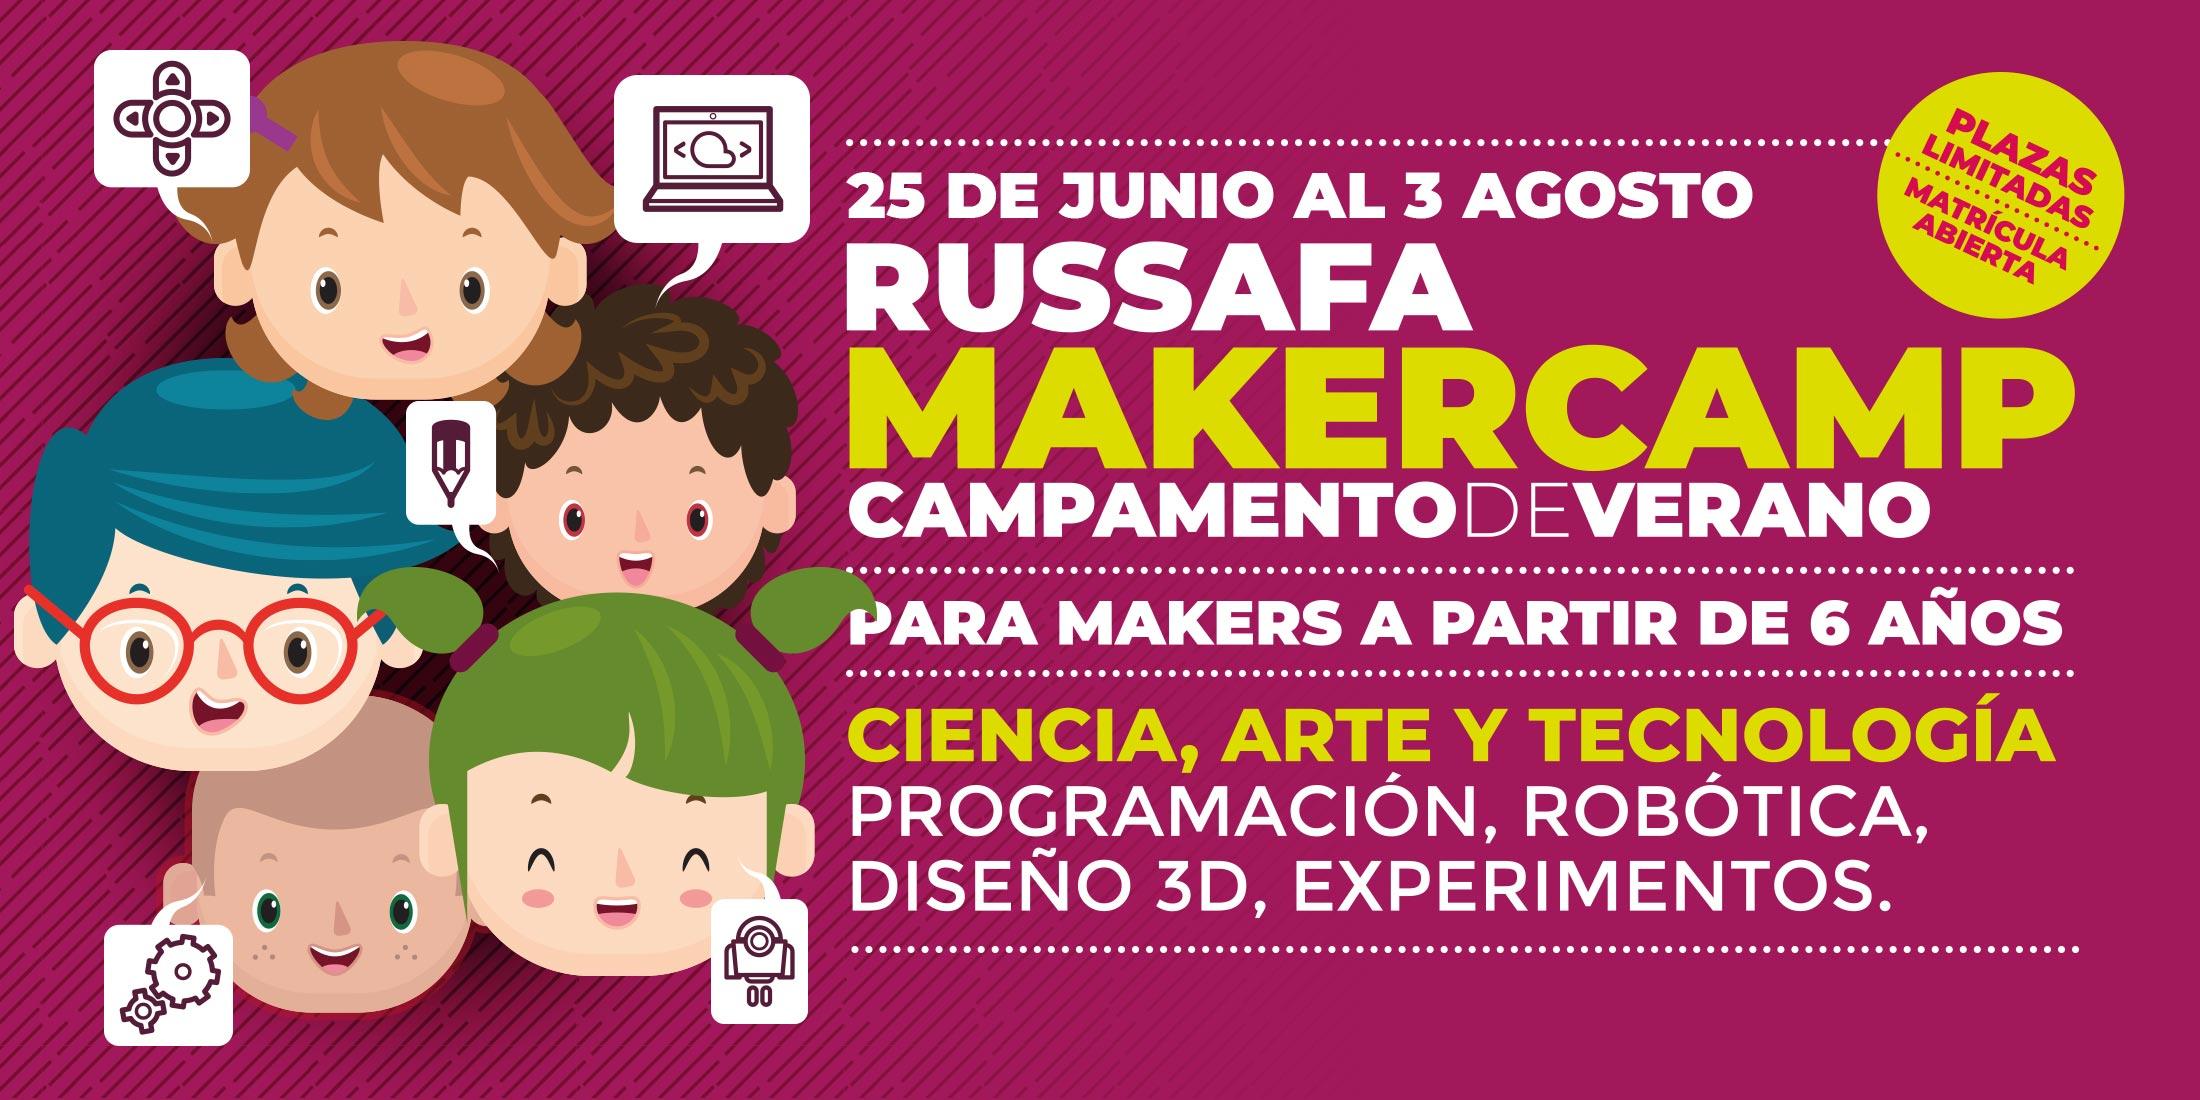 Makercamp de verano en nube7